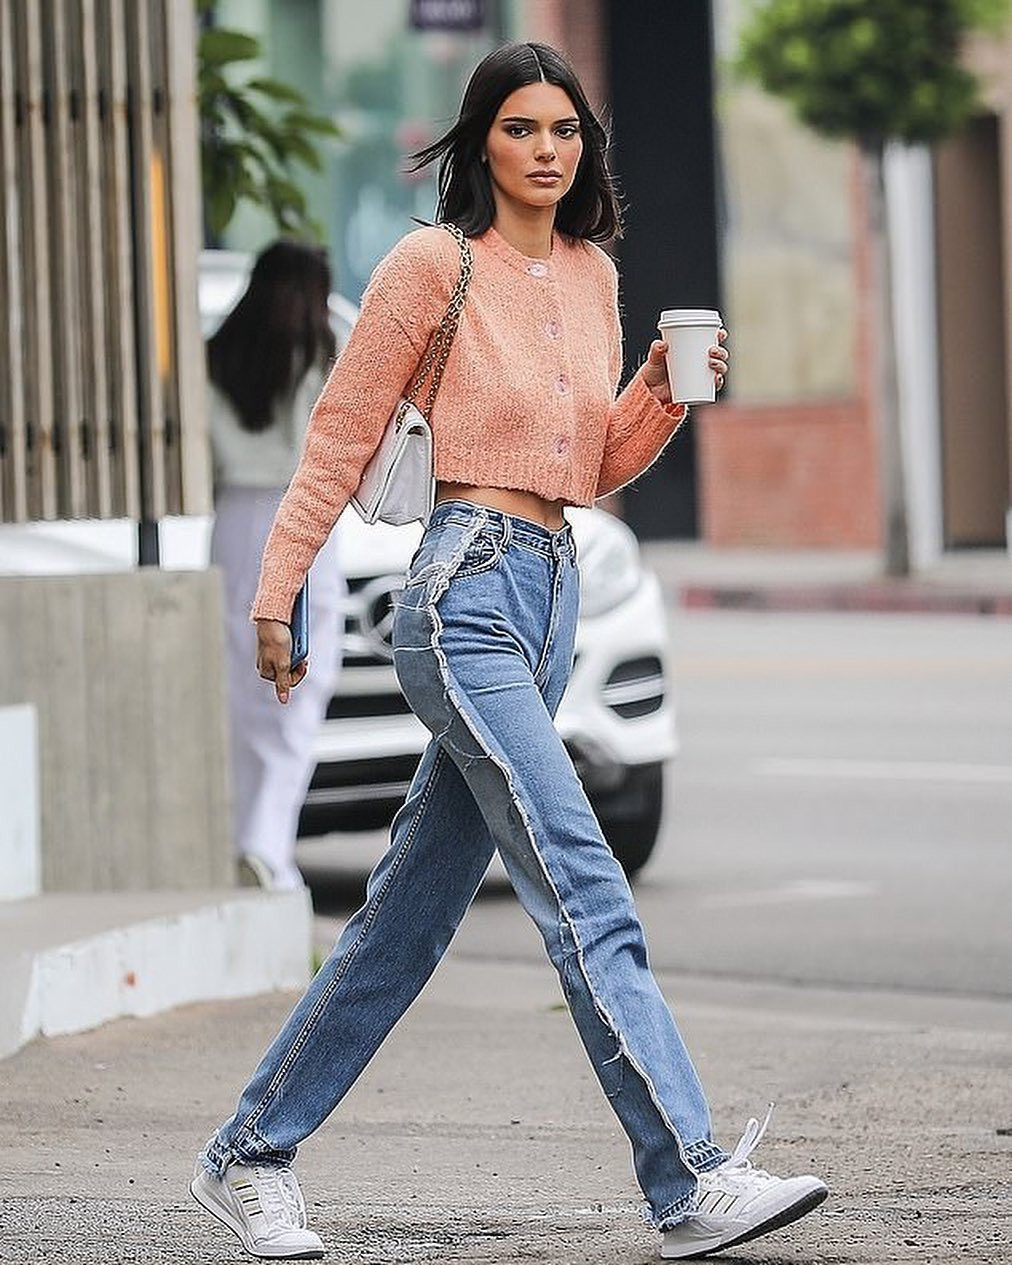 Khoe quần jeans trước sau như một, tưởng không ai dám mặc hóa ra Ngọc Trinh lại đụng hàng với cô em chân siêu dài nhà Kim-5